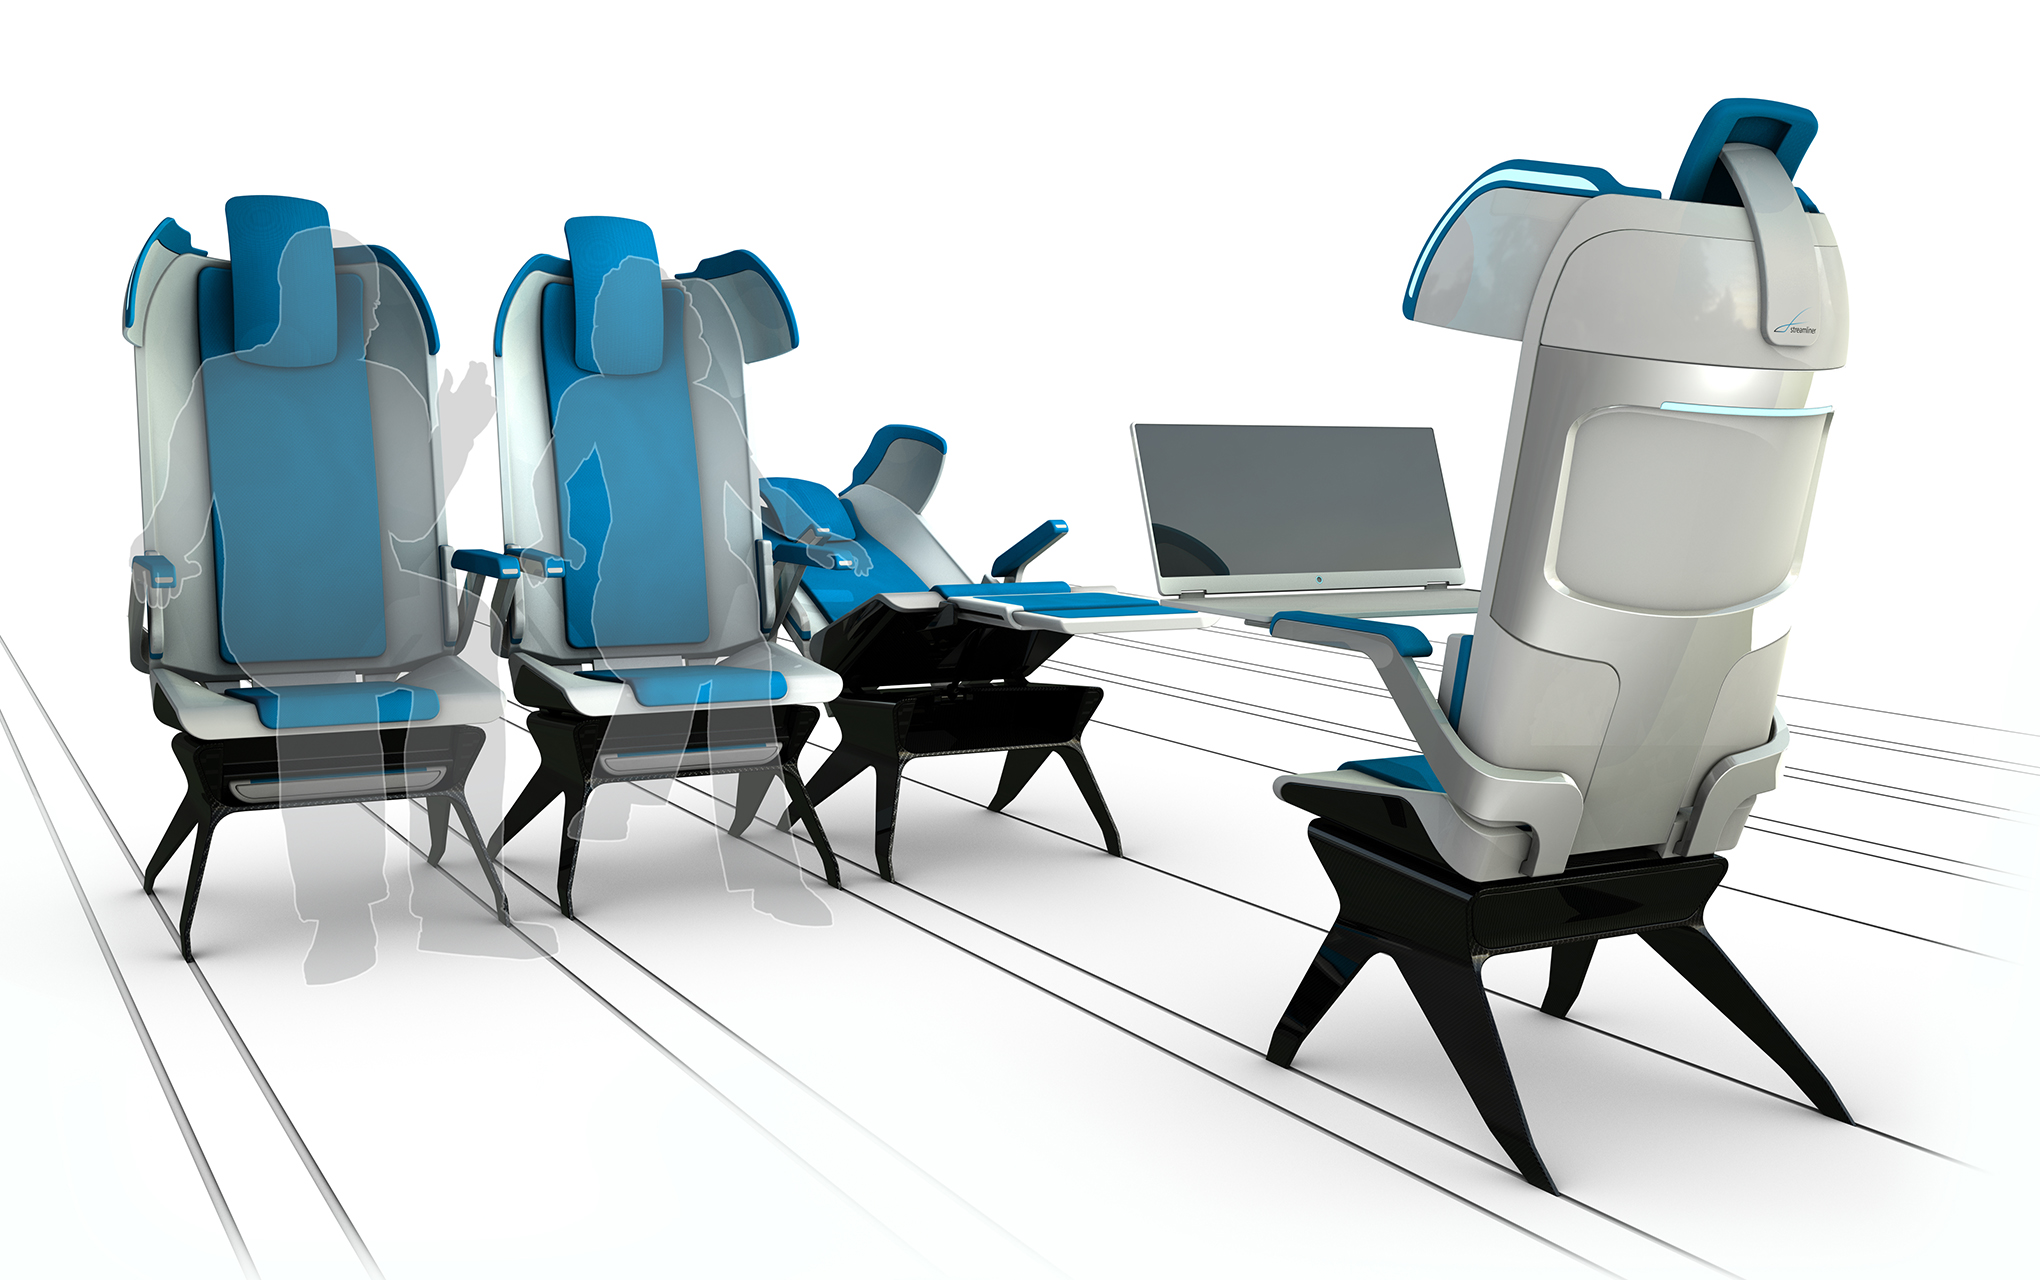 Streamliner / Studie